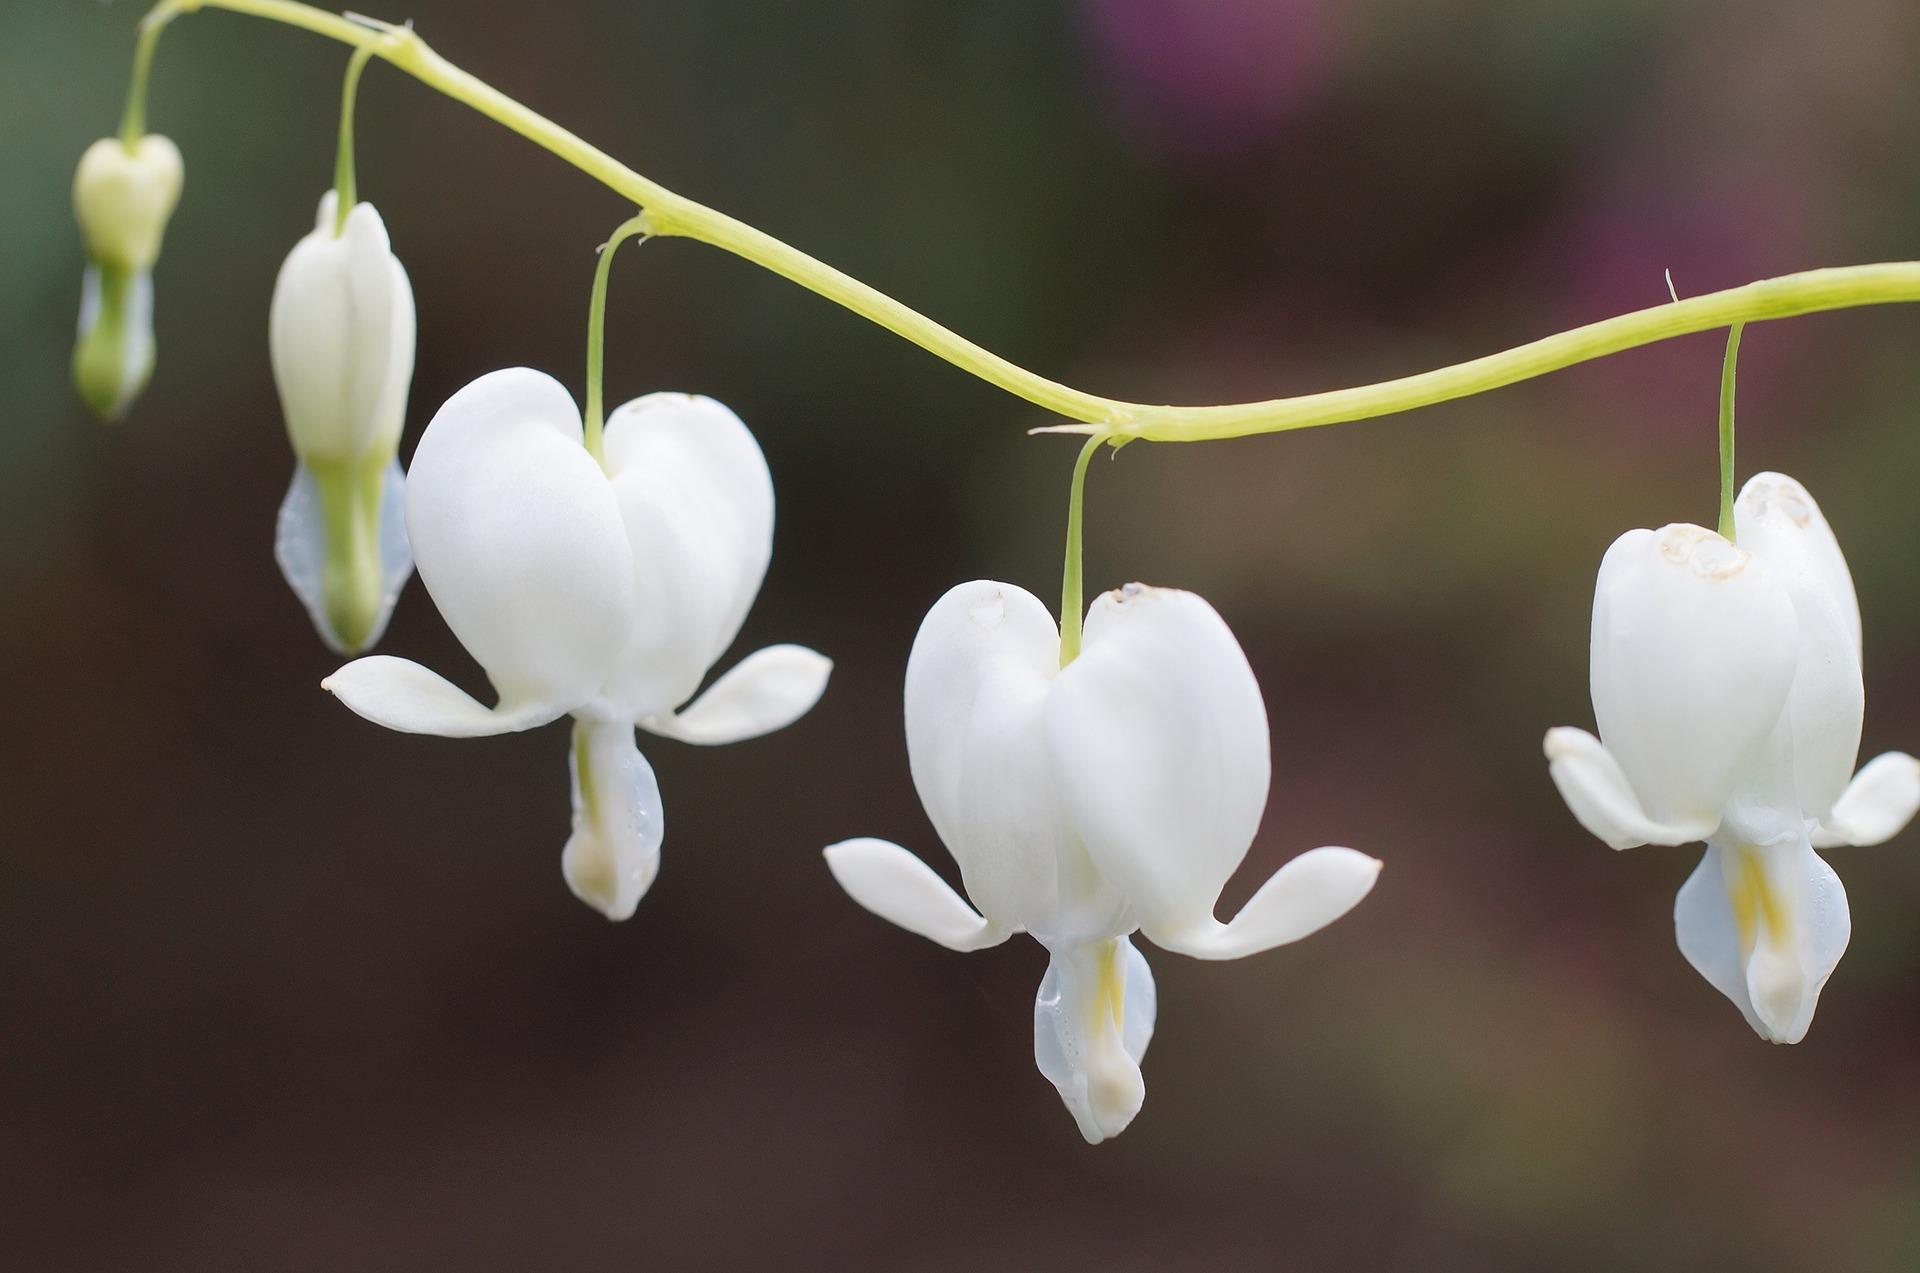 dicentra white bleeding heart